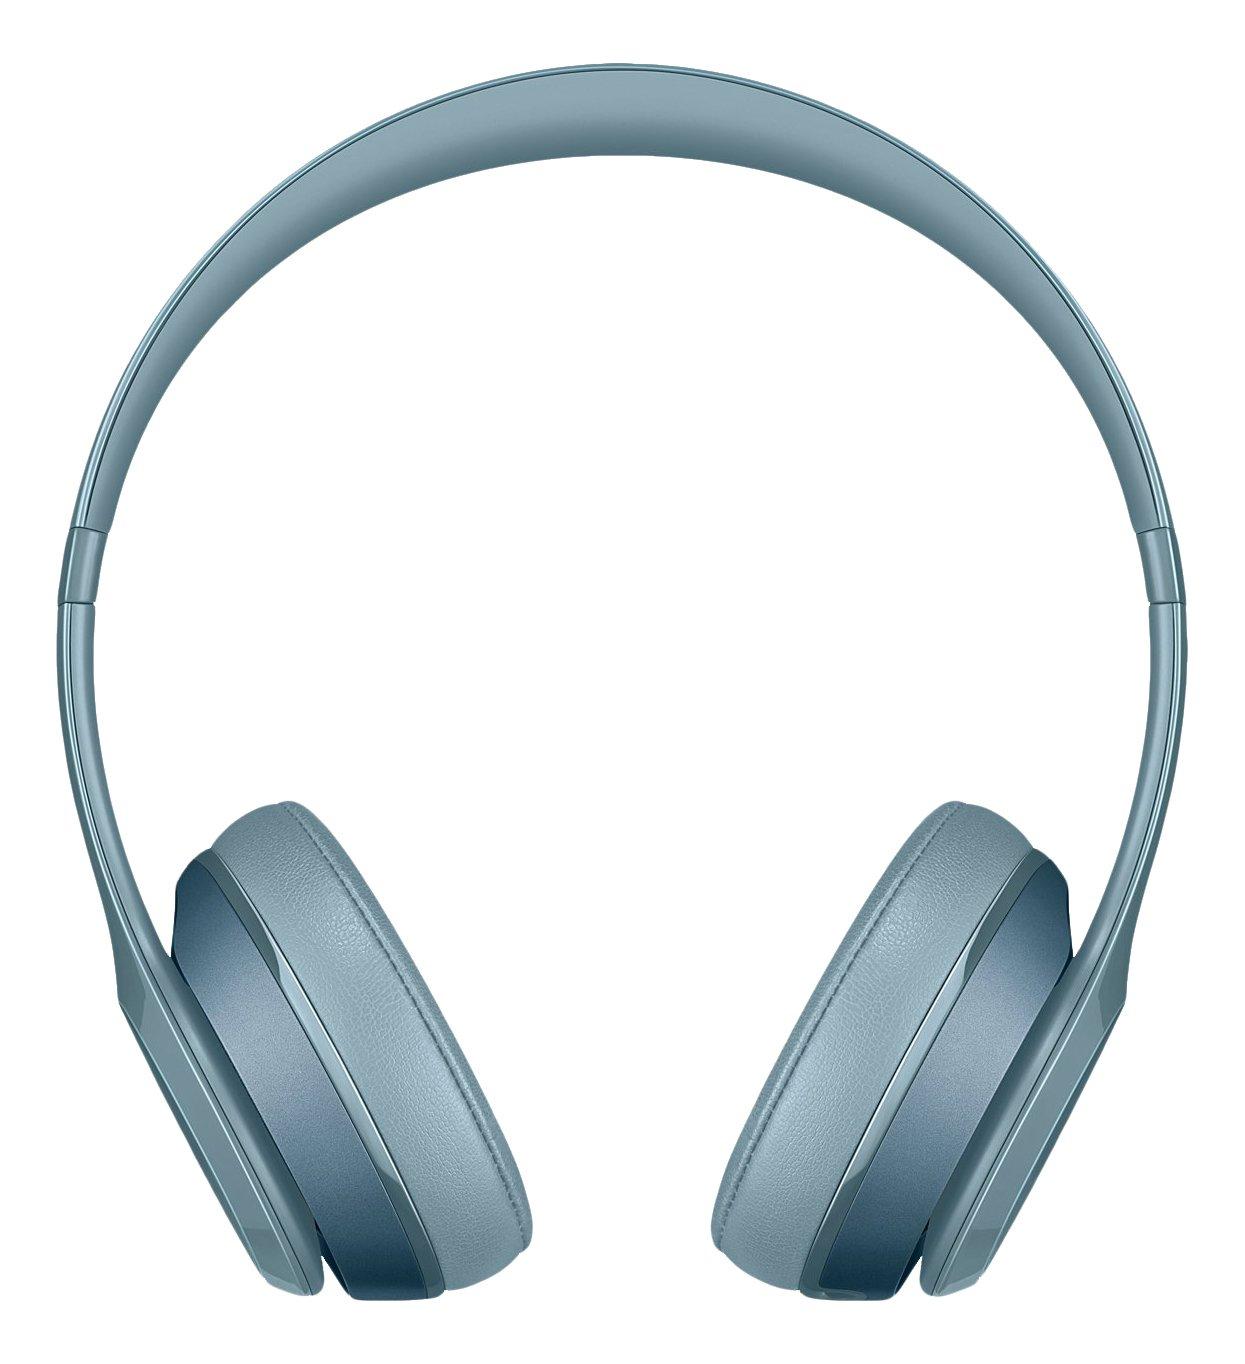 Beats BY DR DRE SOLO2 Casque Audio Argent Avec Câble Neuf Livraison